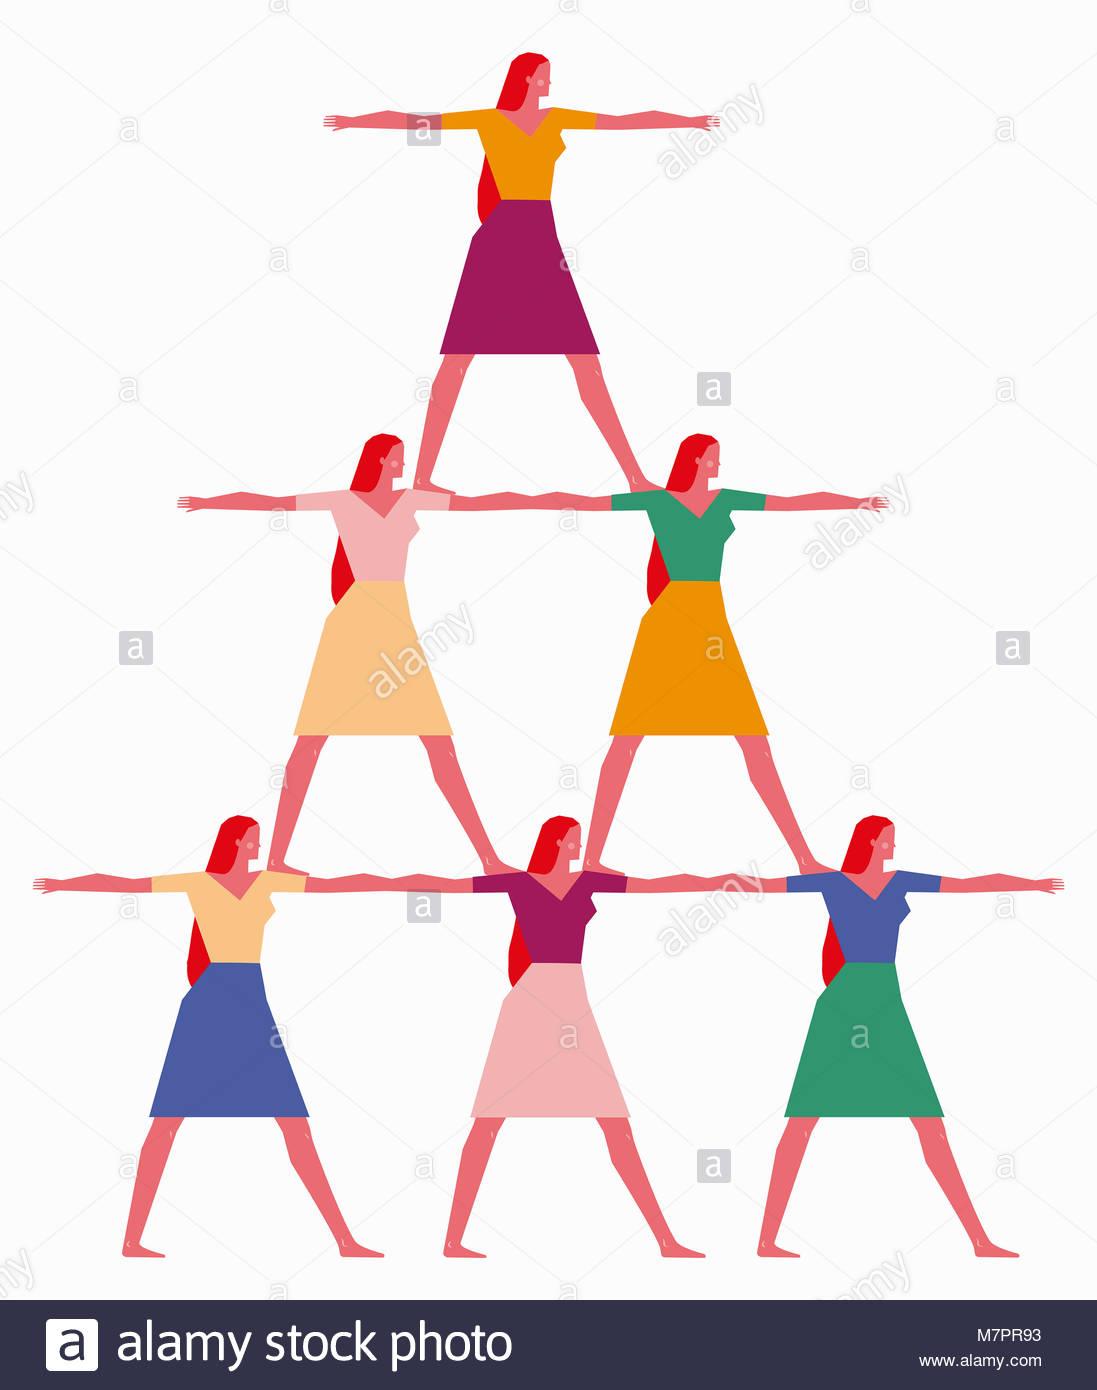 Frauen bilden menschliche Pyramide Stockbild